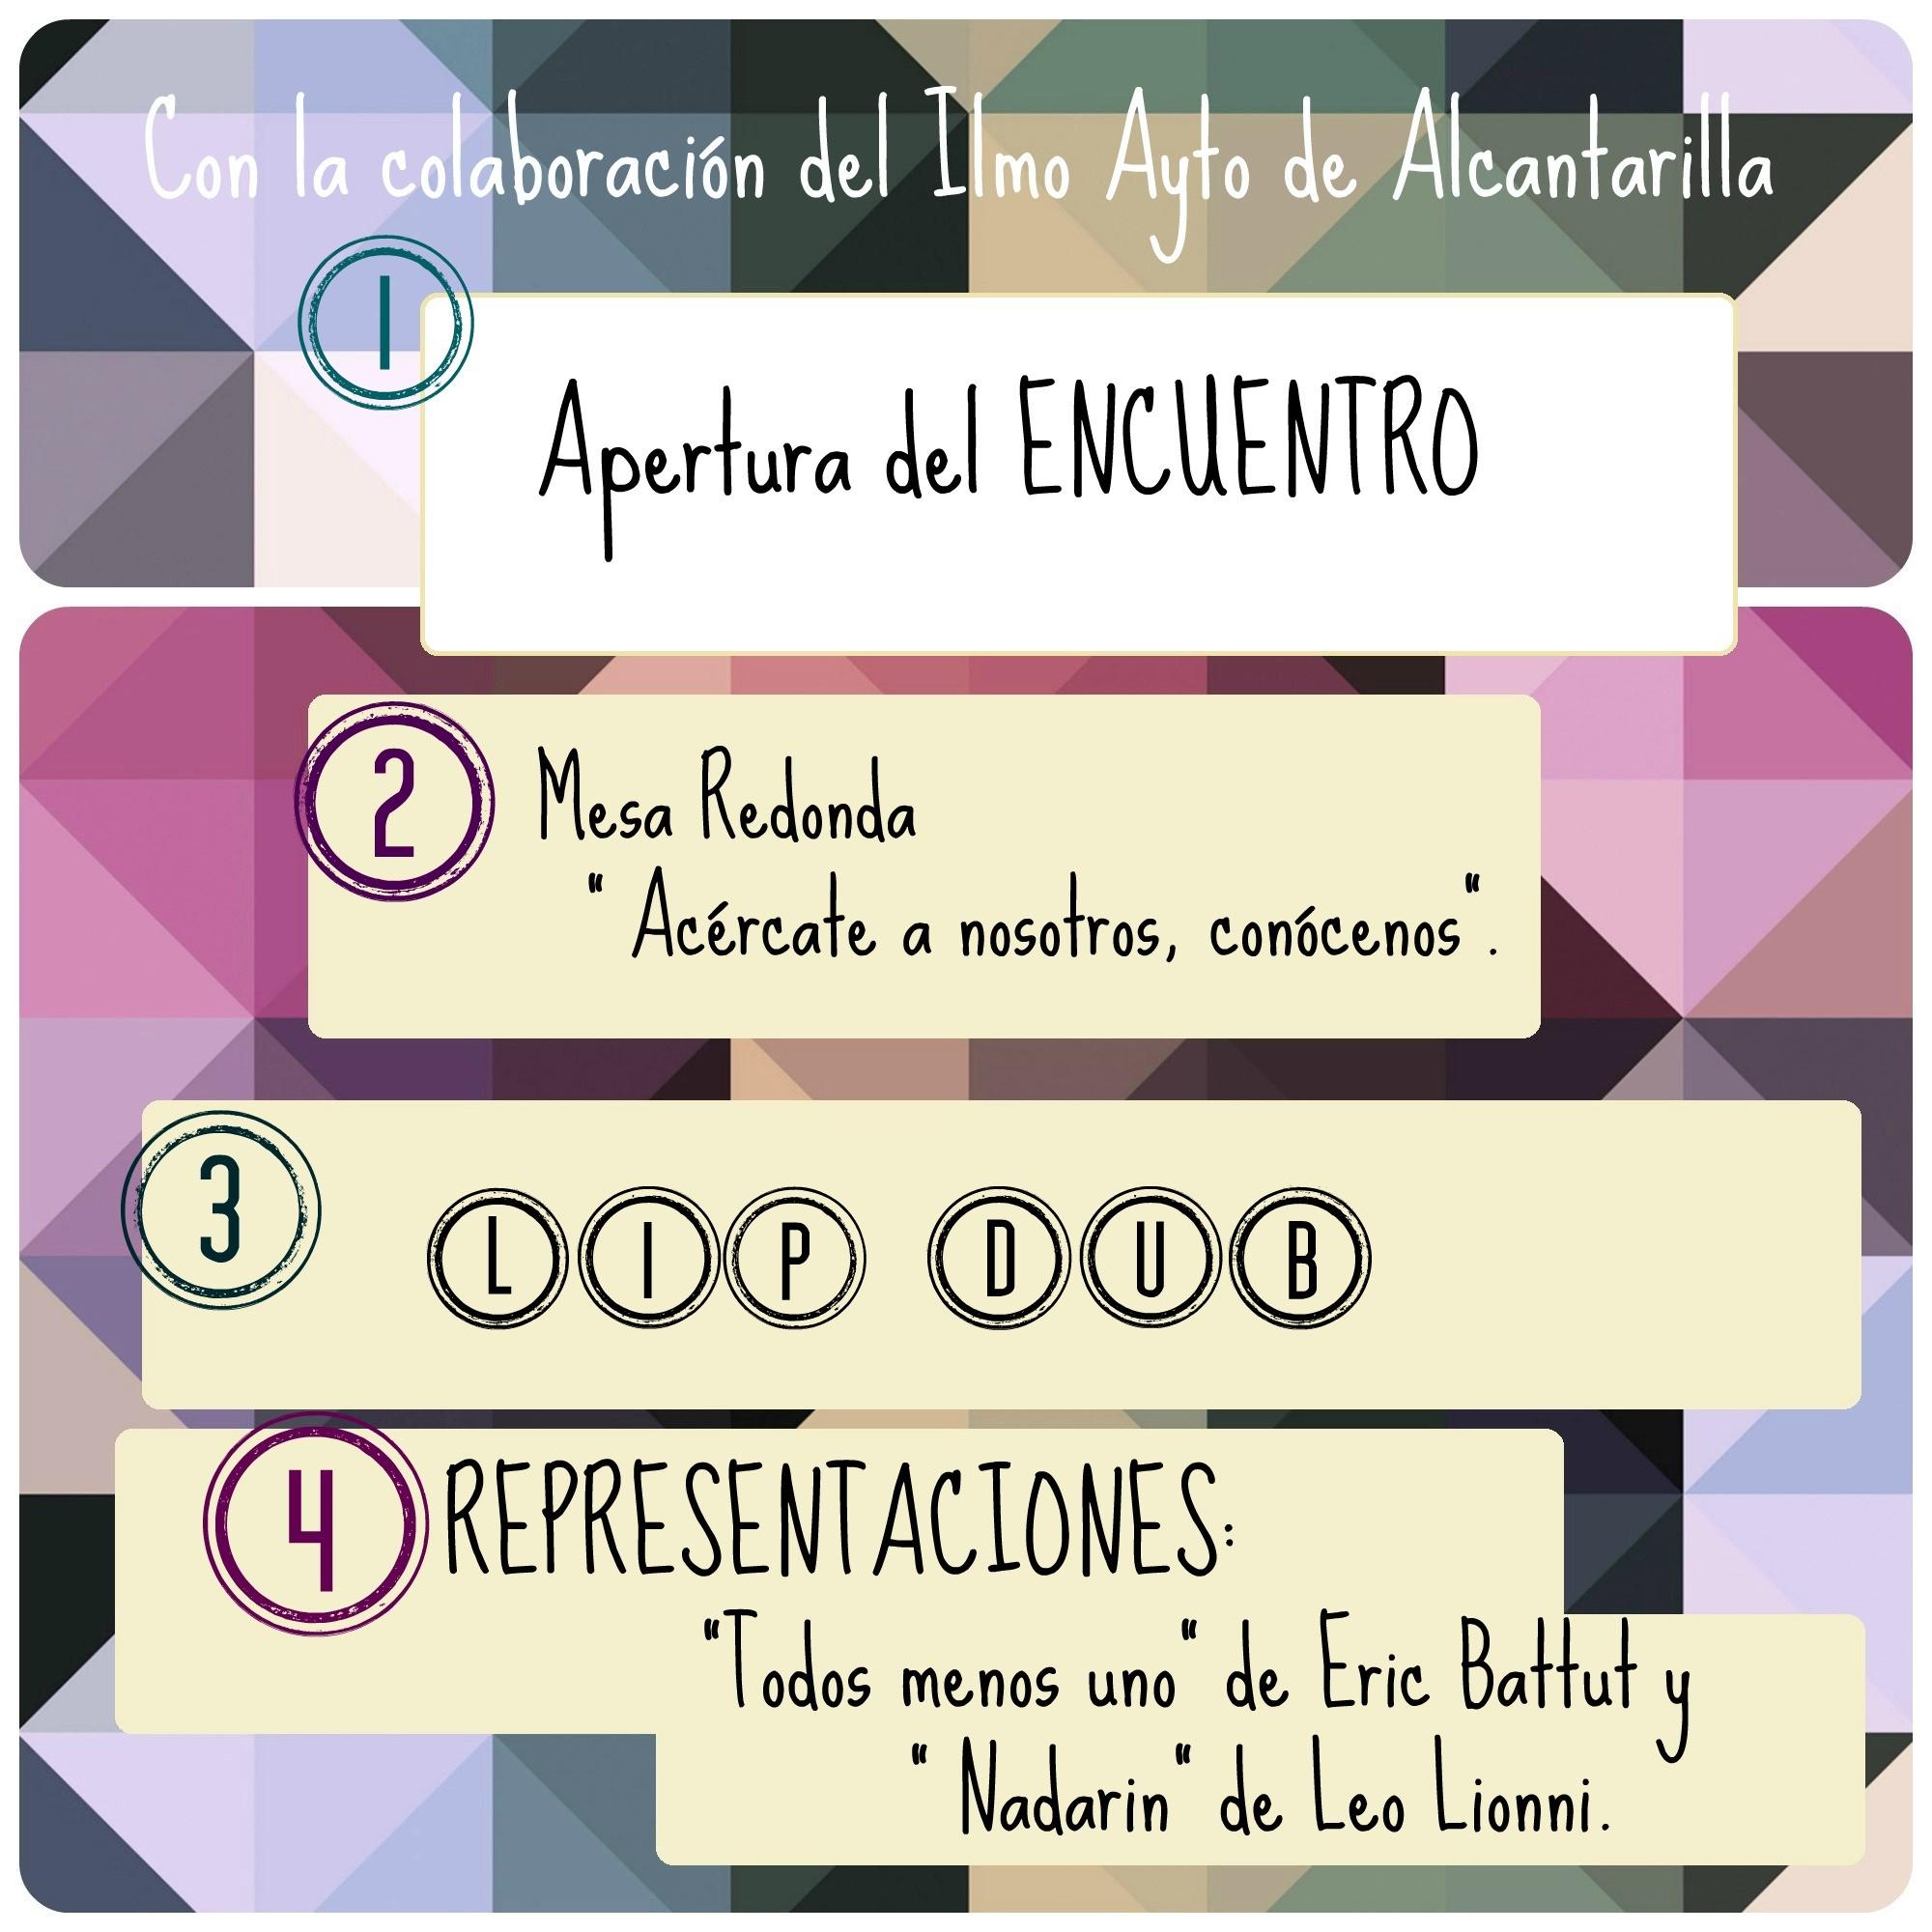 I Encuentro 02